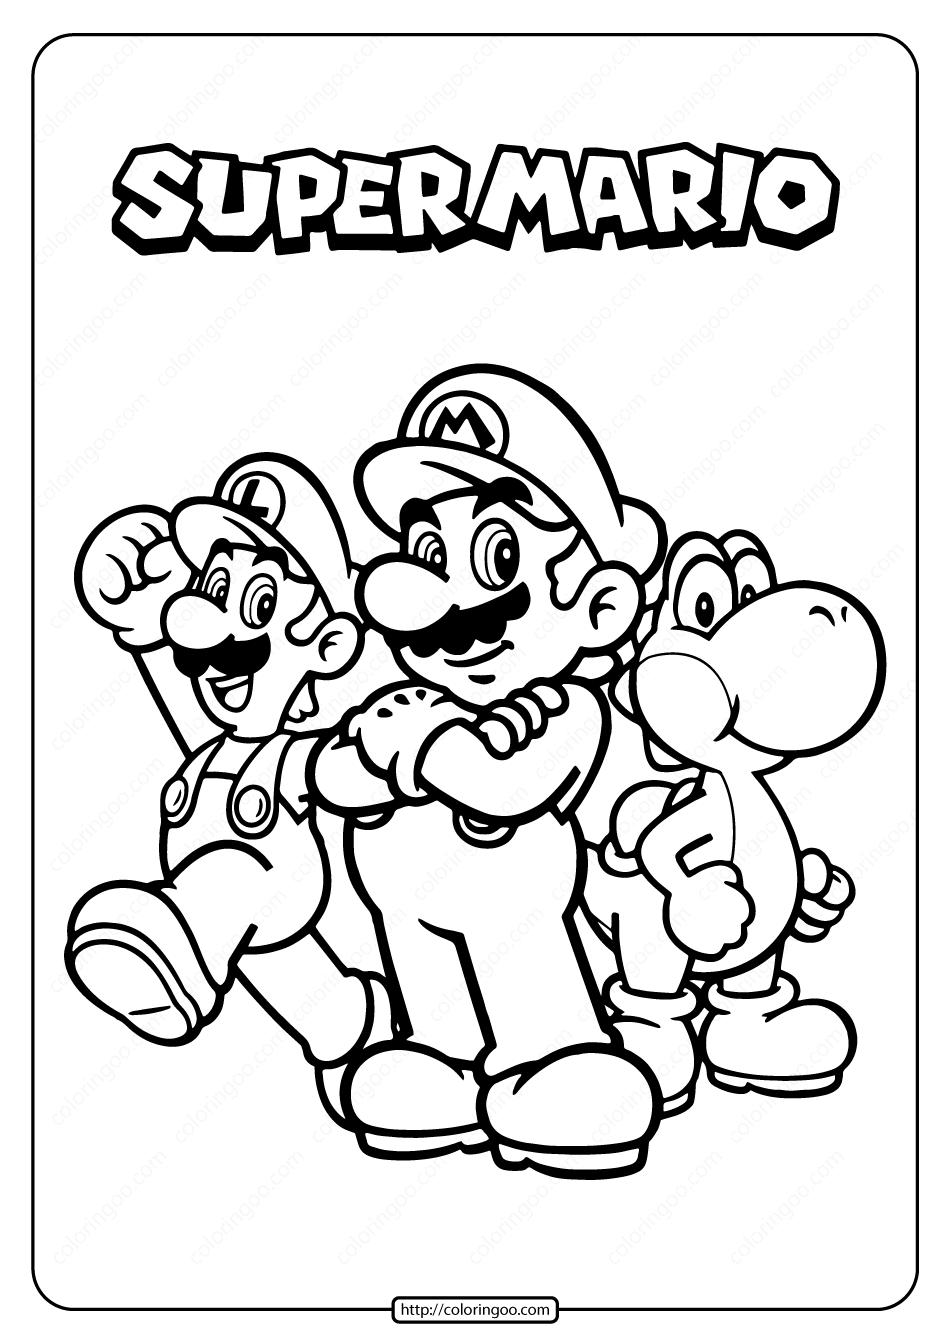 Free Printable Super Mario Pdf Coloring Page Super Mario Coloring Pages Mario Coloring Pages Super Mario And Luigi [ 1344 x 950 Pixel ]